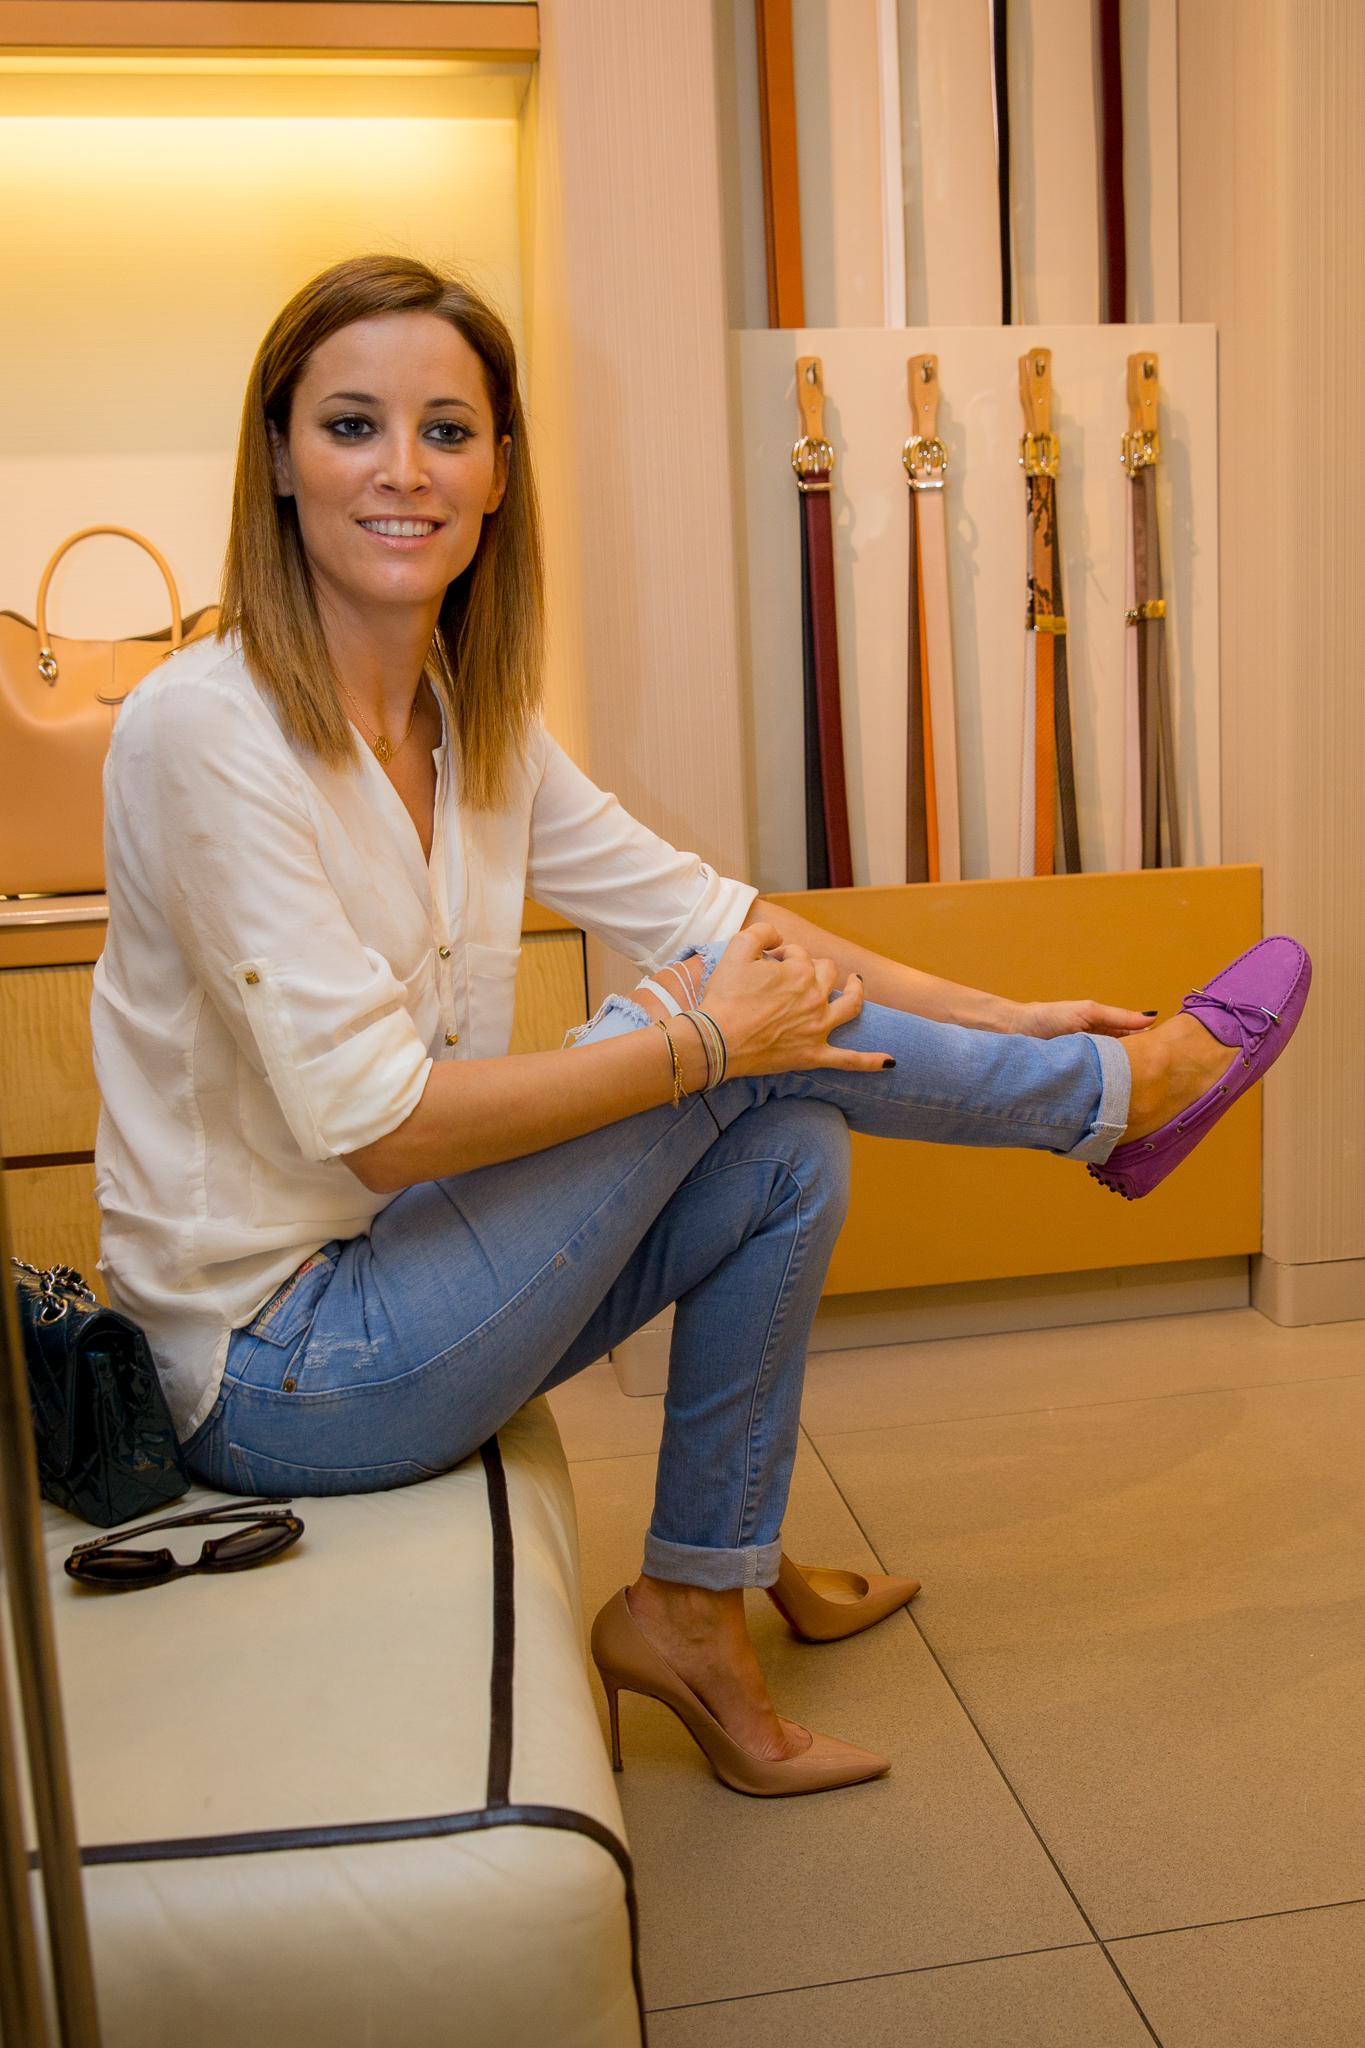 http://www.movenoticias.com/wp-content/uploads/2014/04/Maria-Joao-Bastos-61.jpg